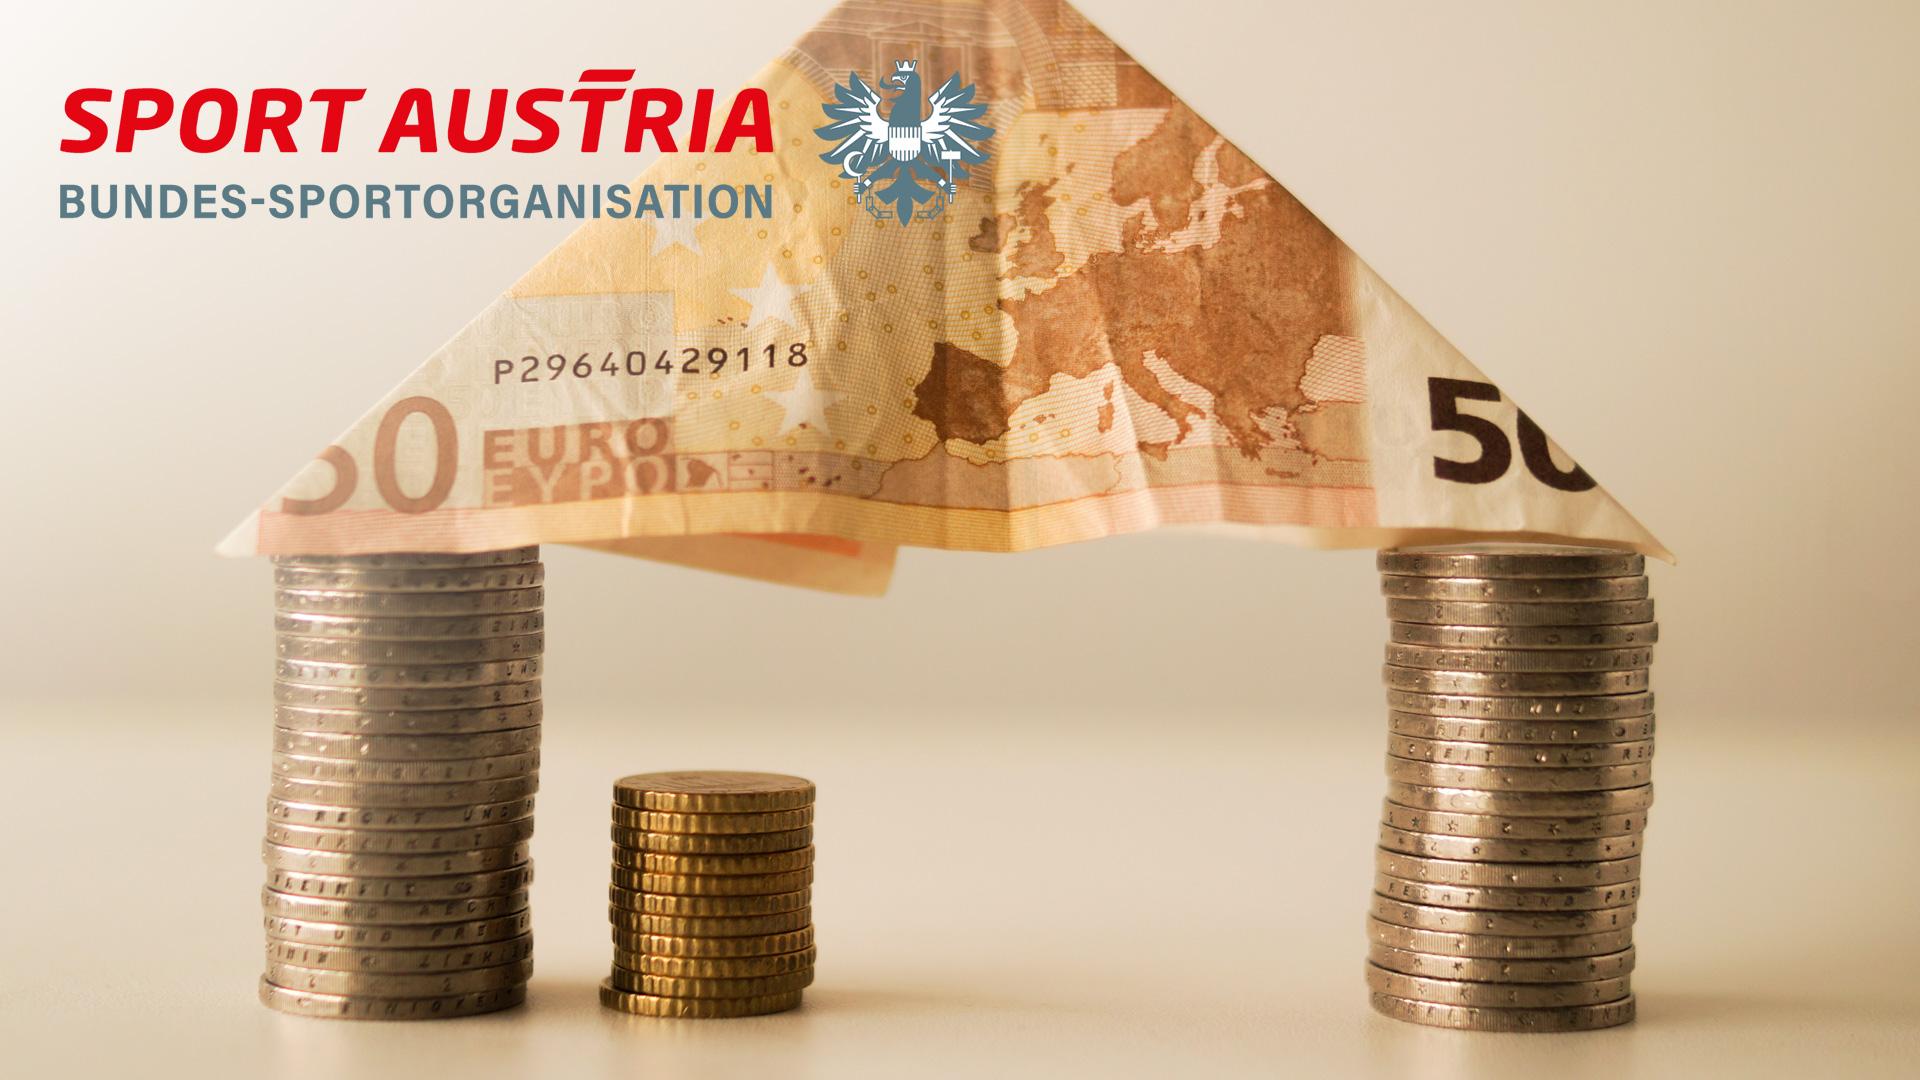 Sport Austria | Präsident Hans Niessl übt Kritik an Ministerium | Soforthilfe für Sportvereine überfällig | Setzen auf weitere Gespräche